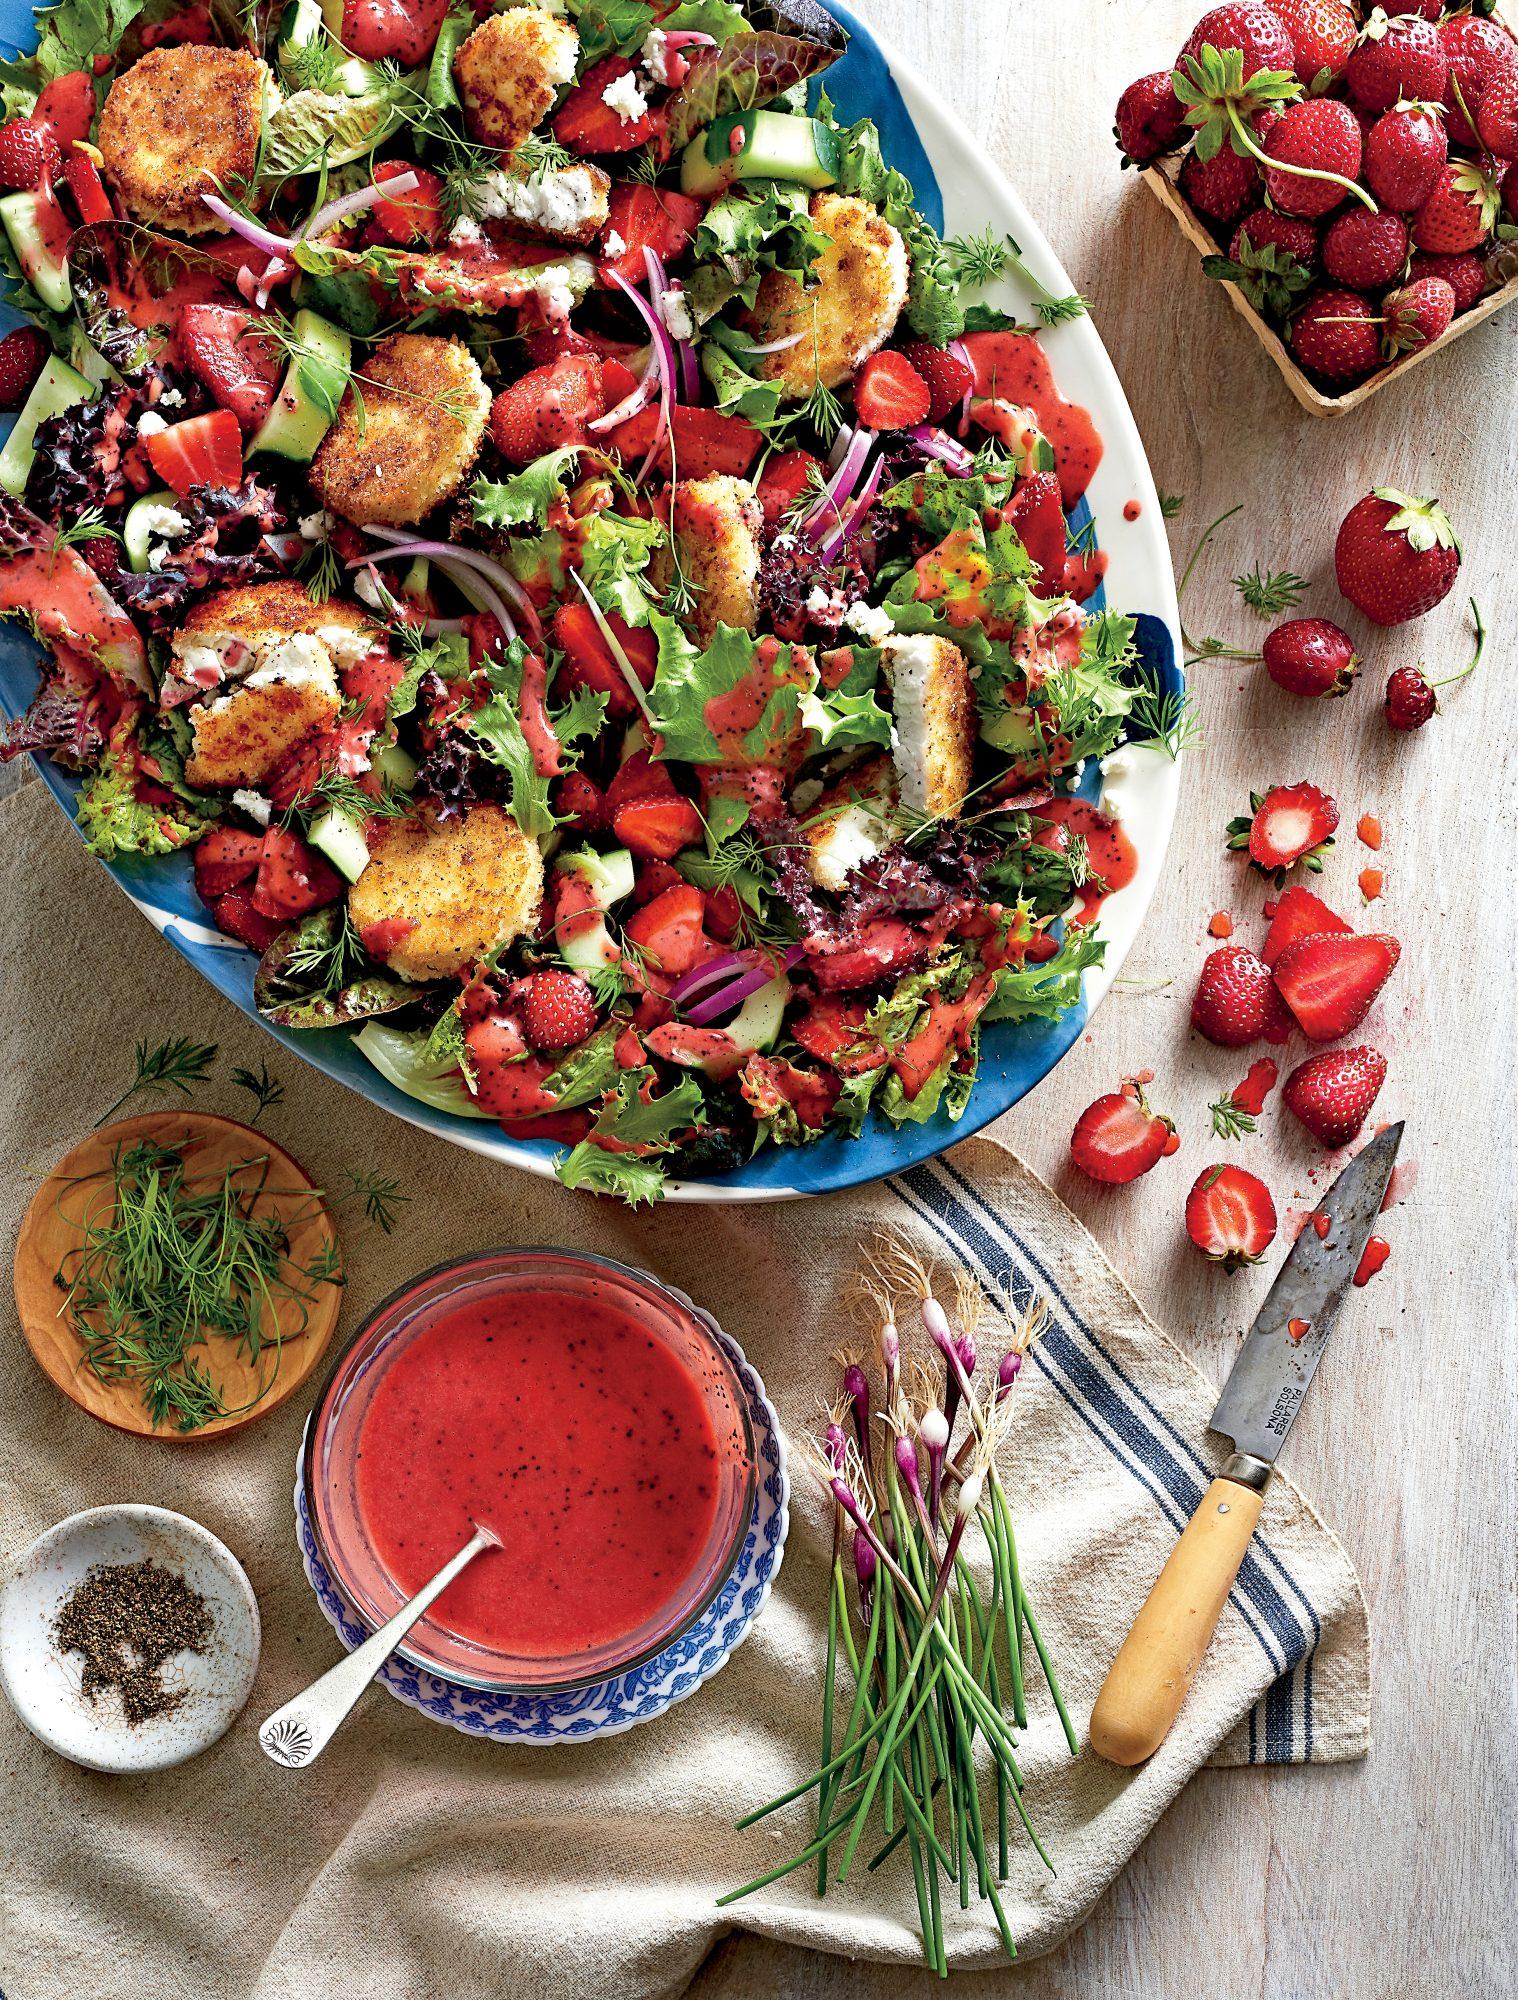 Strawberry Poppyseed Vinaigrette